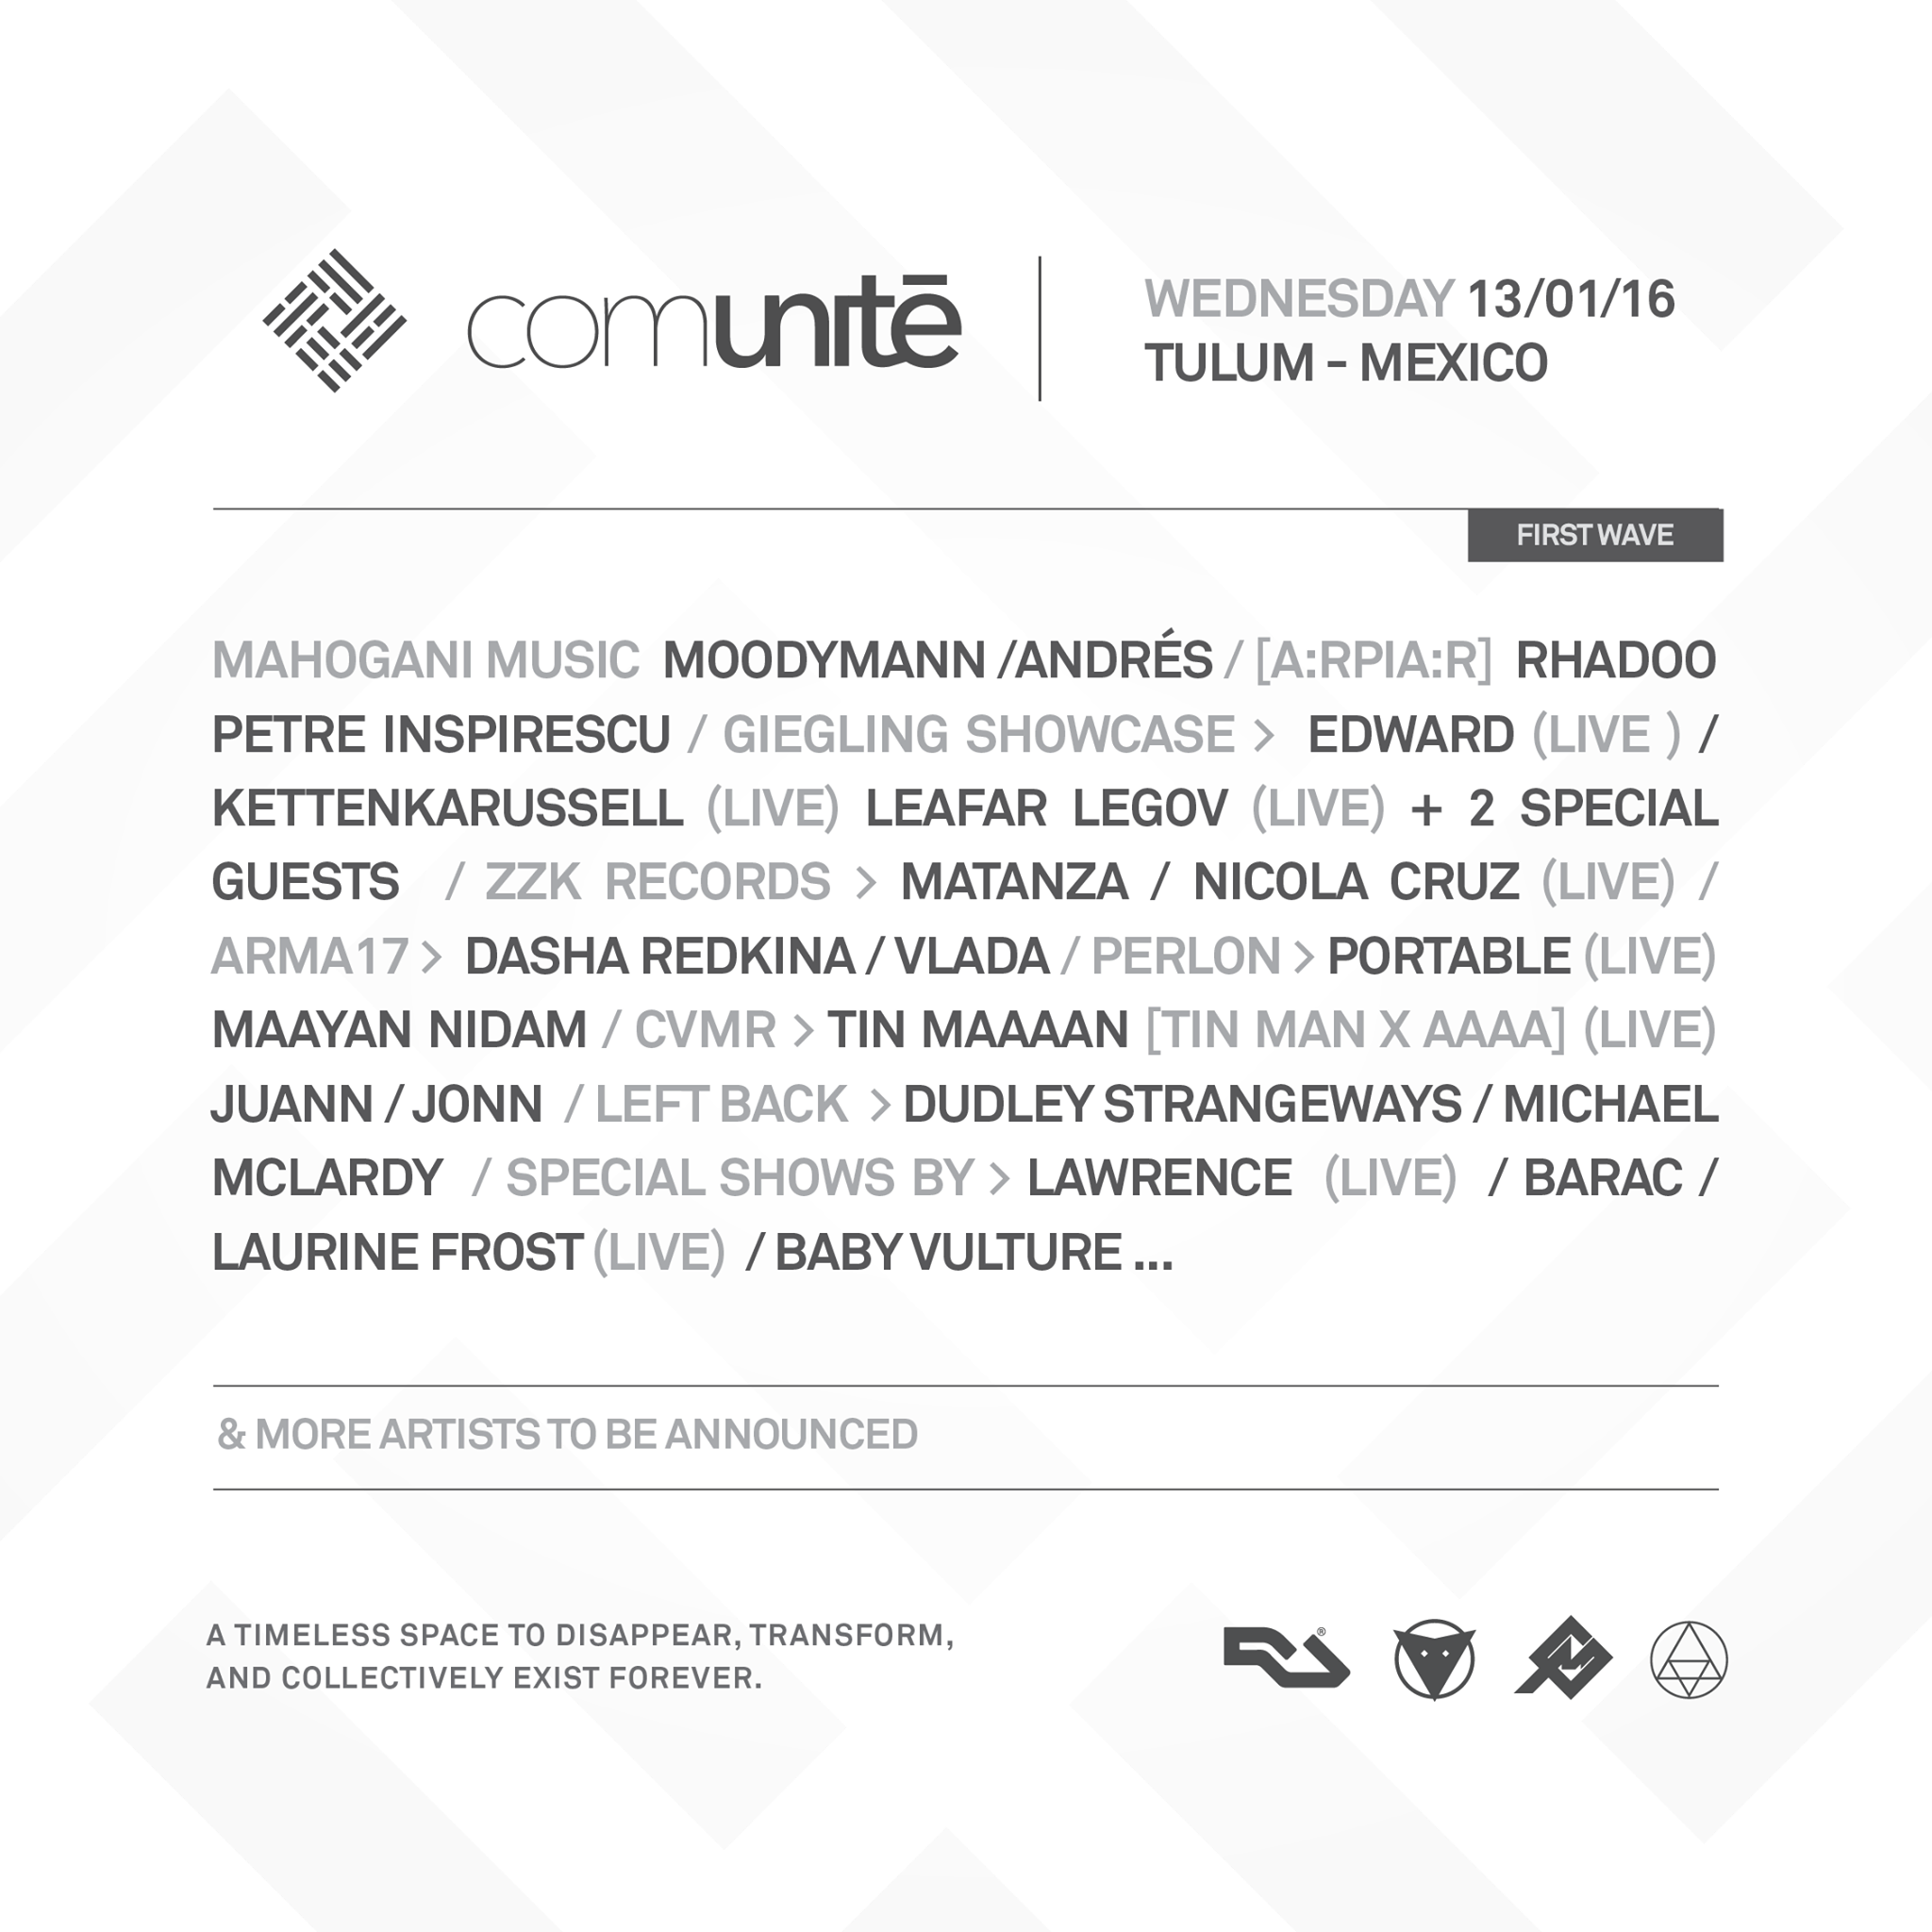 Comunite @ Tulum